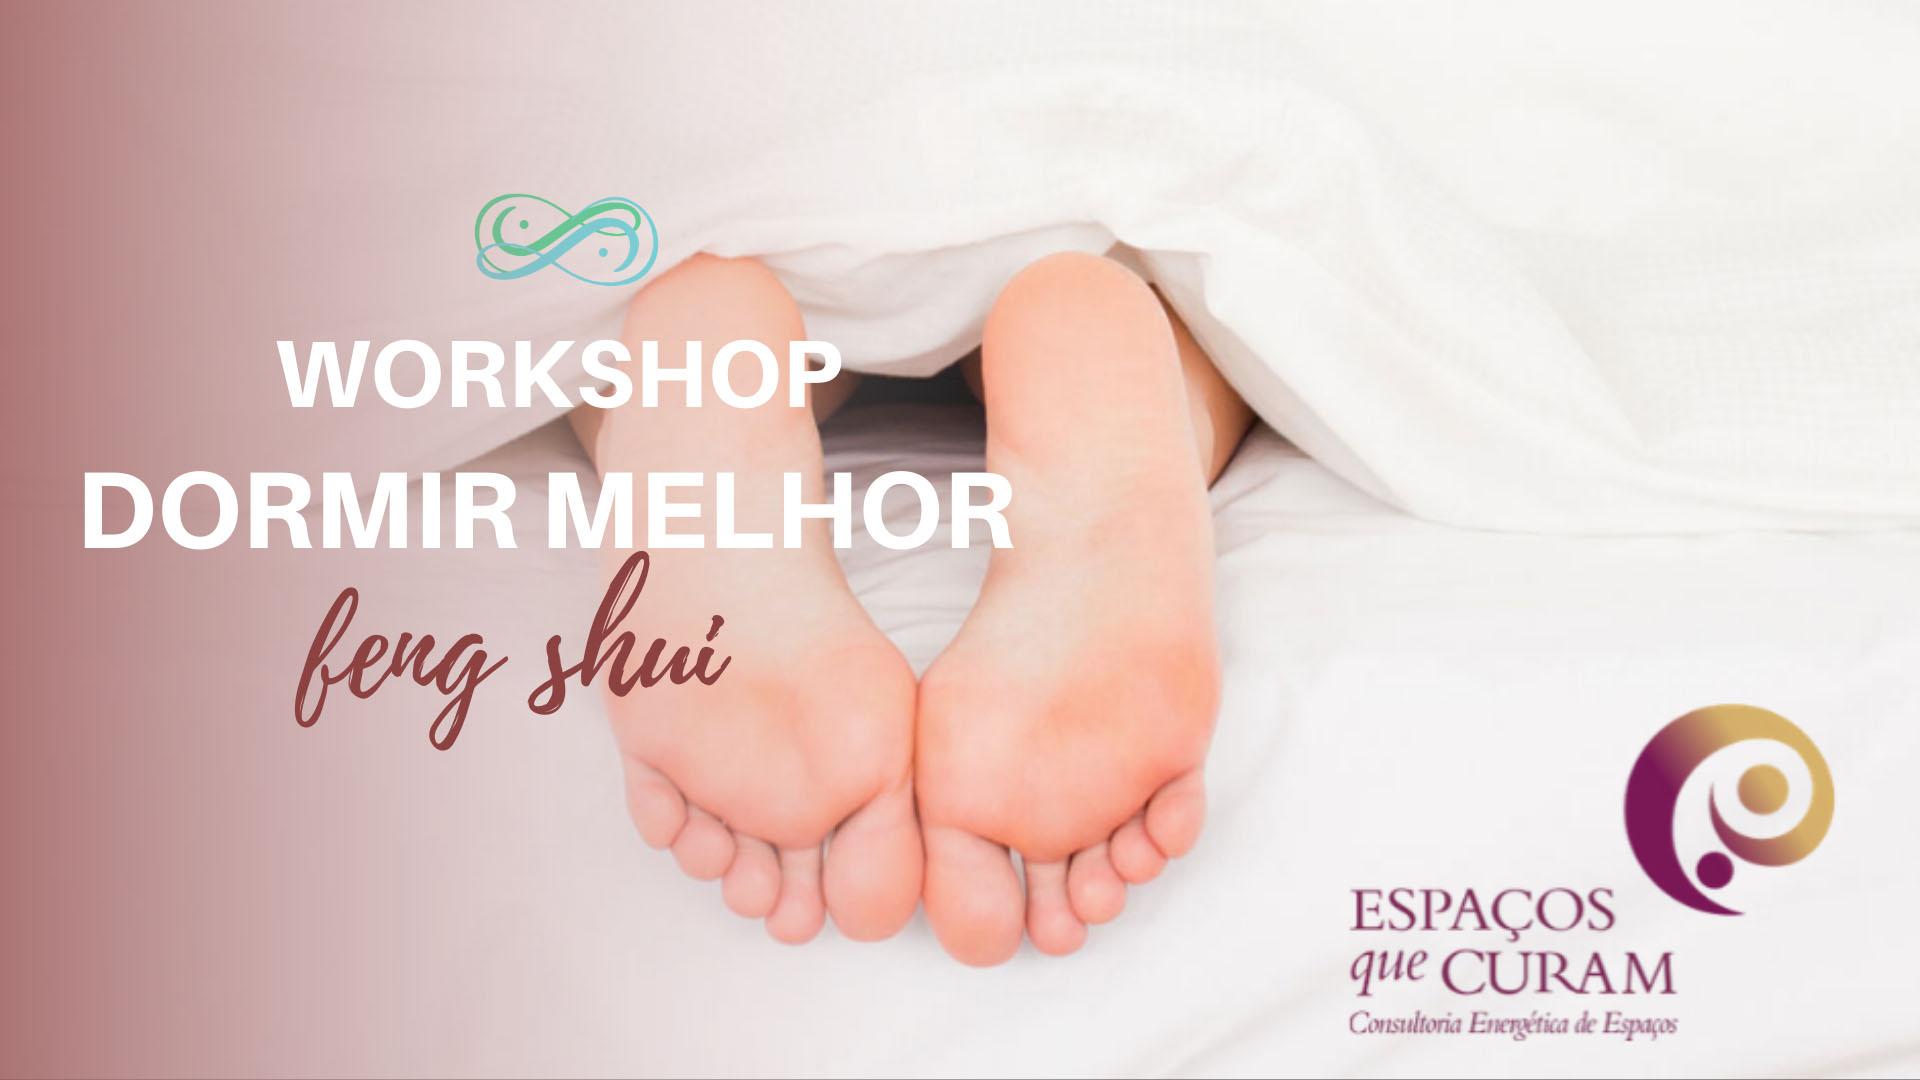 Workshop dormir melhor com Feng shui